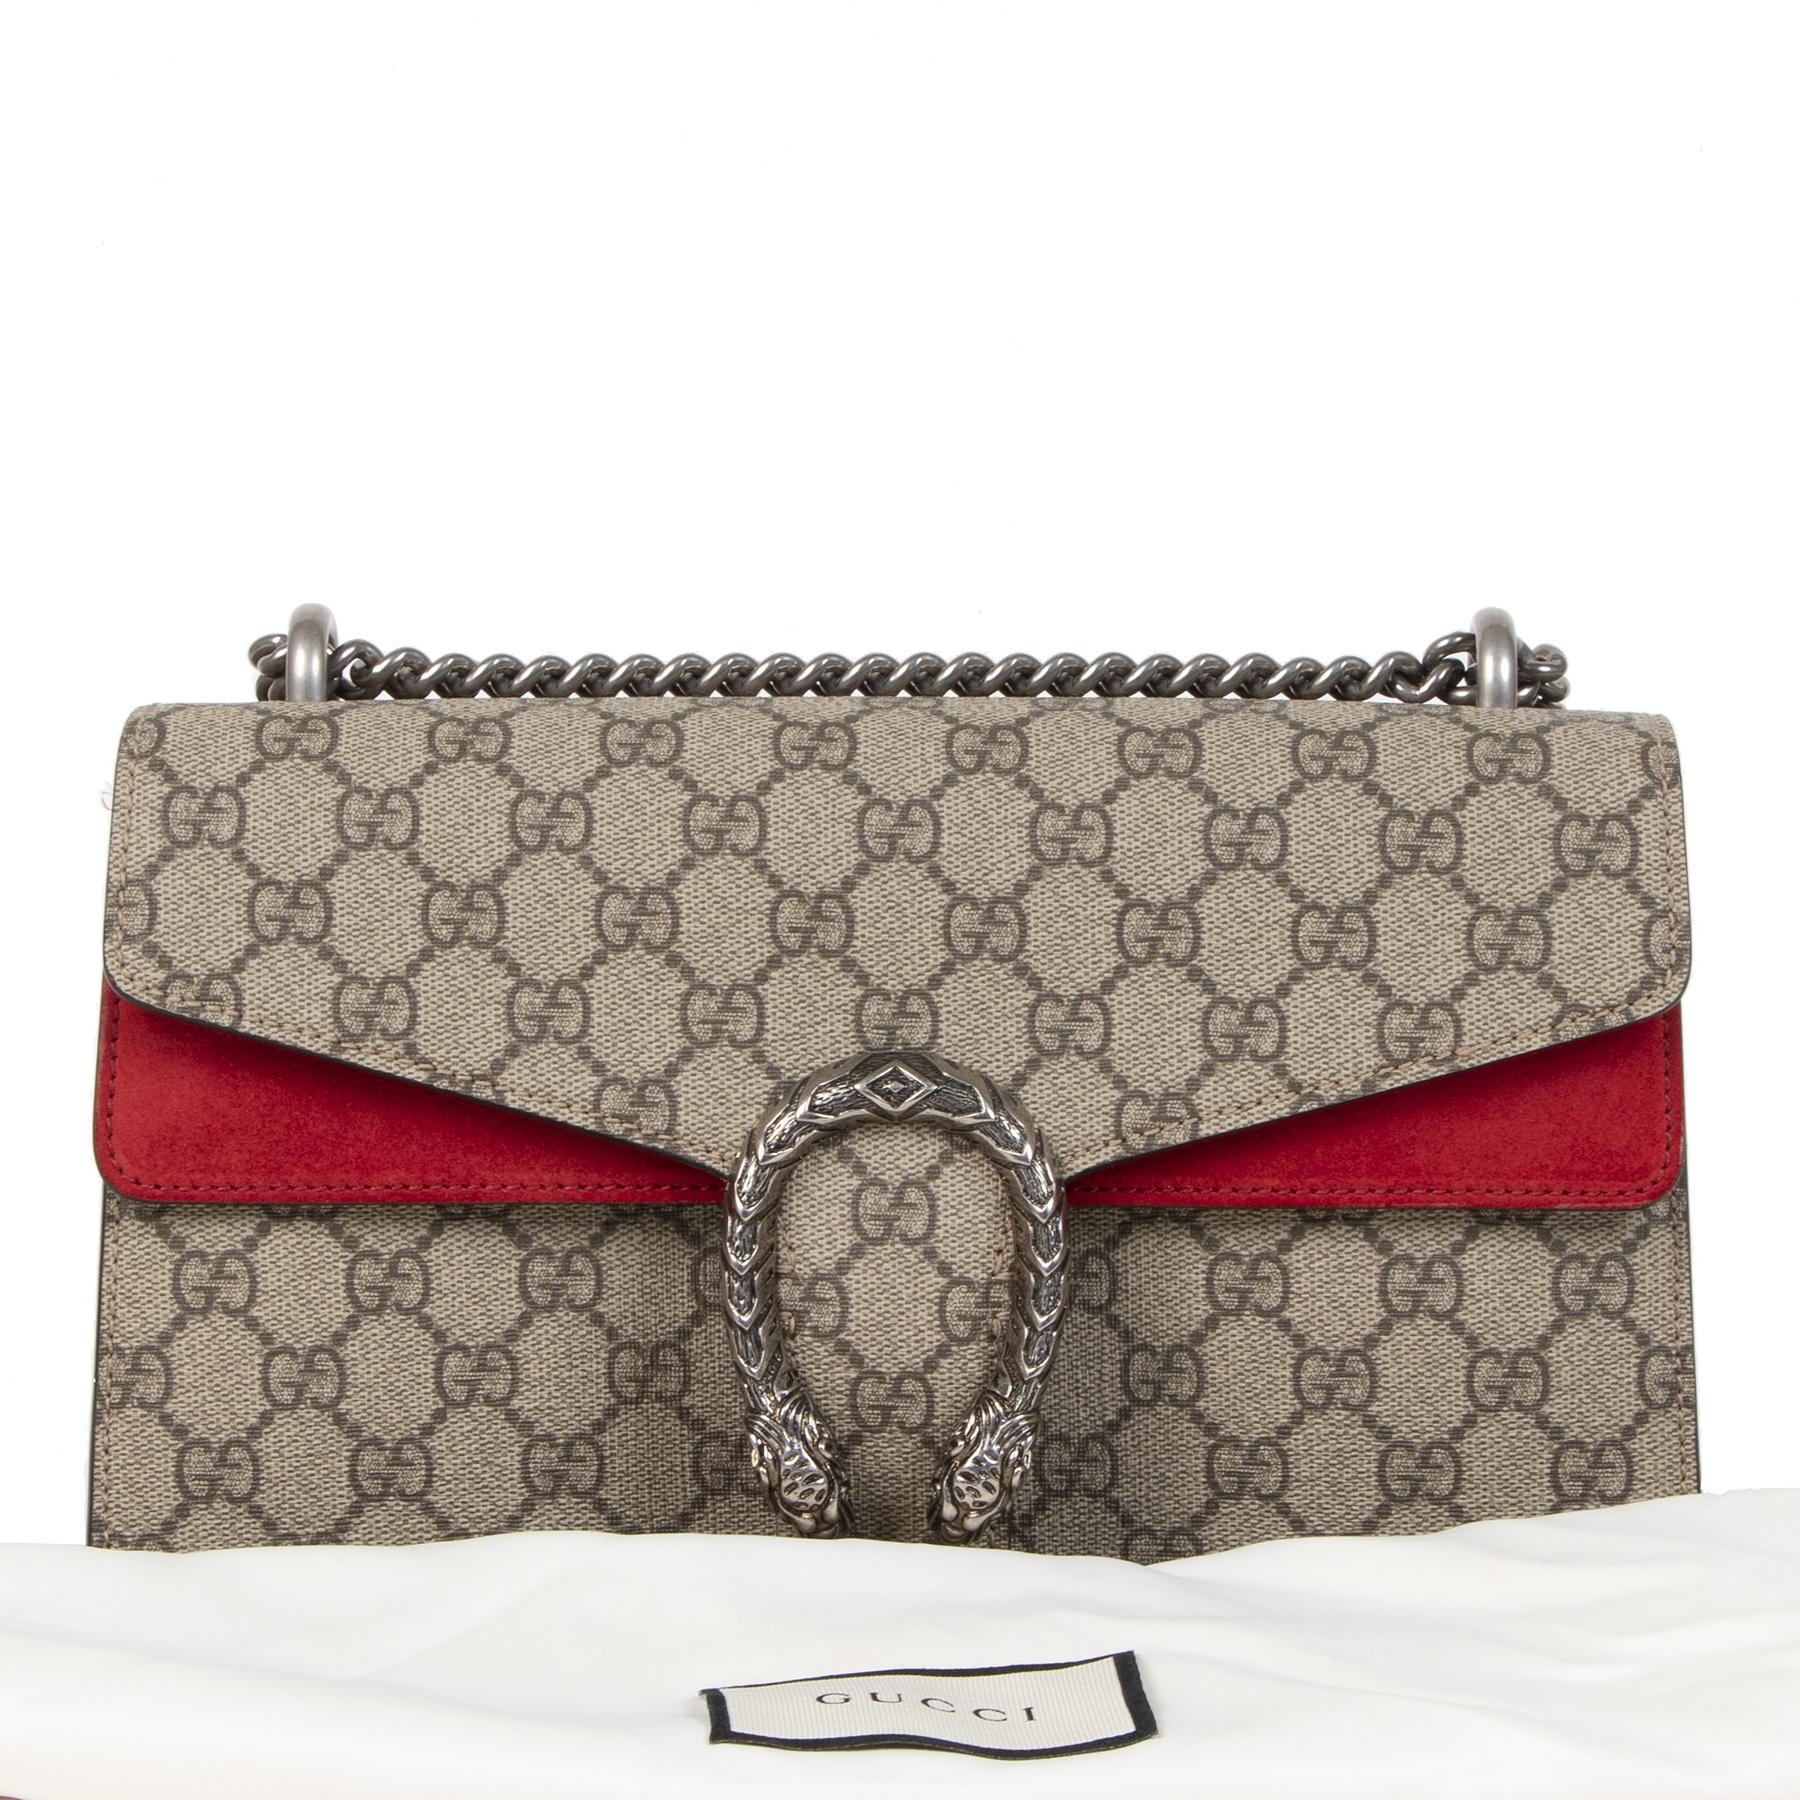 Koop uw authentieke designer Gucci Dionysus GG Supreme Coated Canvas and Red Suede Suede schoudertas online